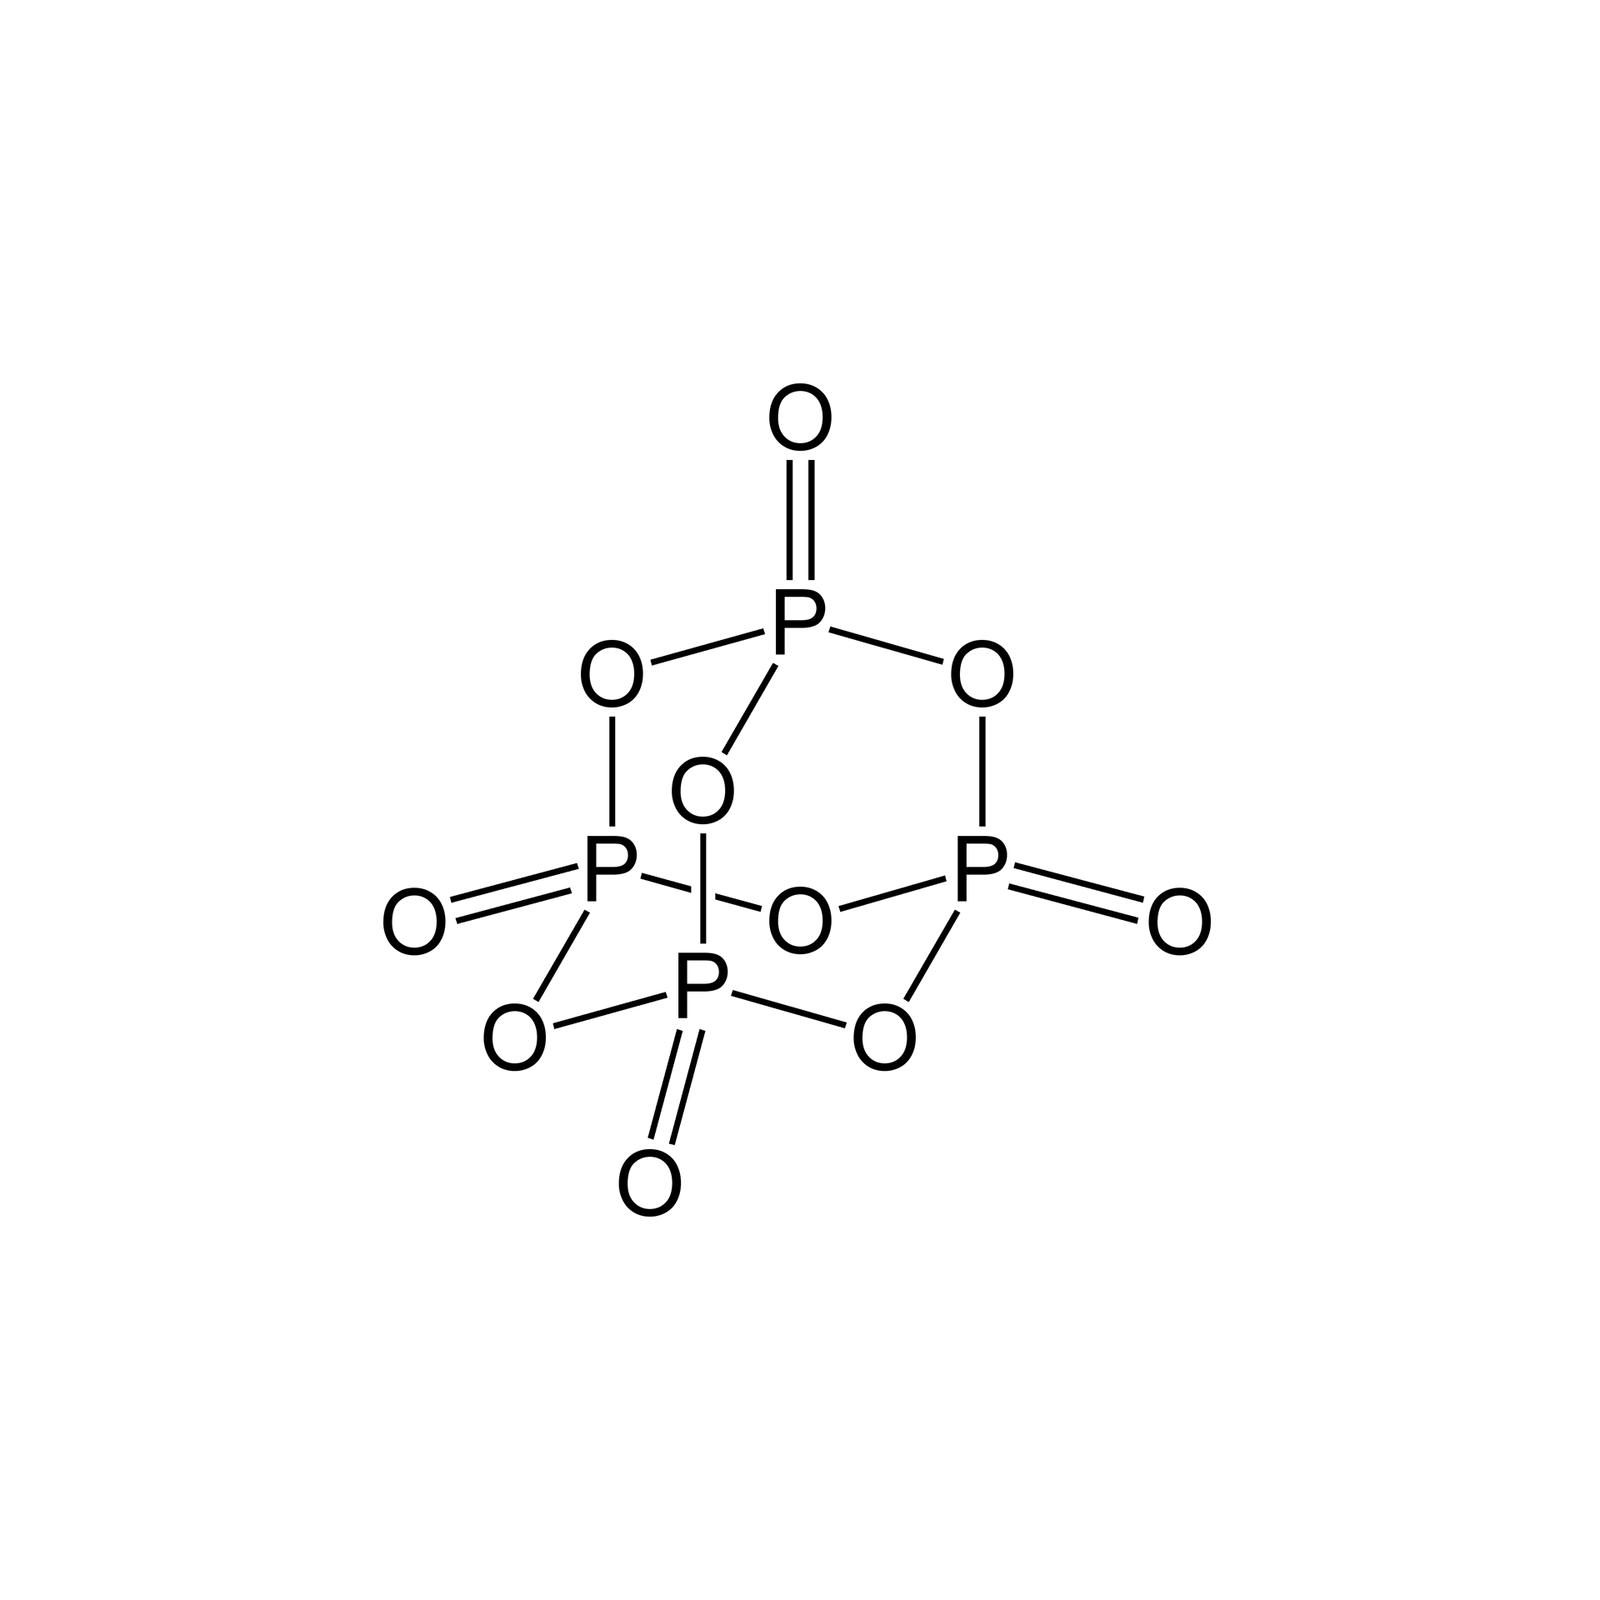 Ilustracja budowy cząsteczki tlenku fosforu pięć wpostaci wzoru strukturalnego owyglądzie bazowanym na modelu zaprezentowanym na ilustracji poprzedniej. Występują tu zarówno wiązania pojedyncze jak ipodwójne oraz na pozór krzyżujące się wiązania będące wrzeczywistości rozdzielnymi.